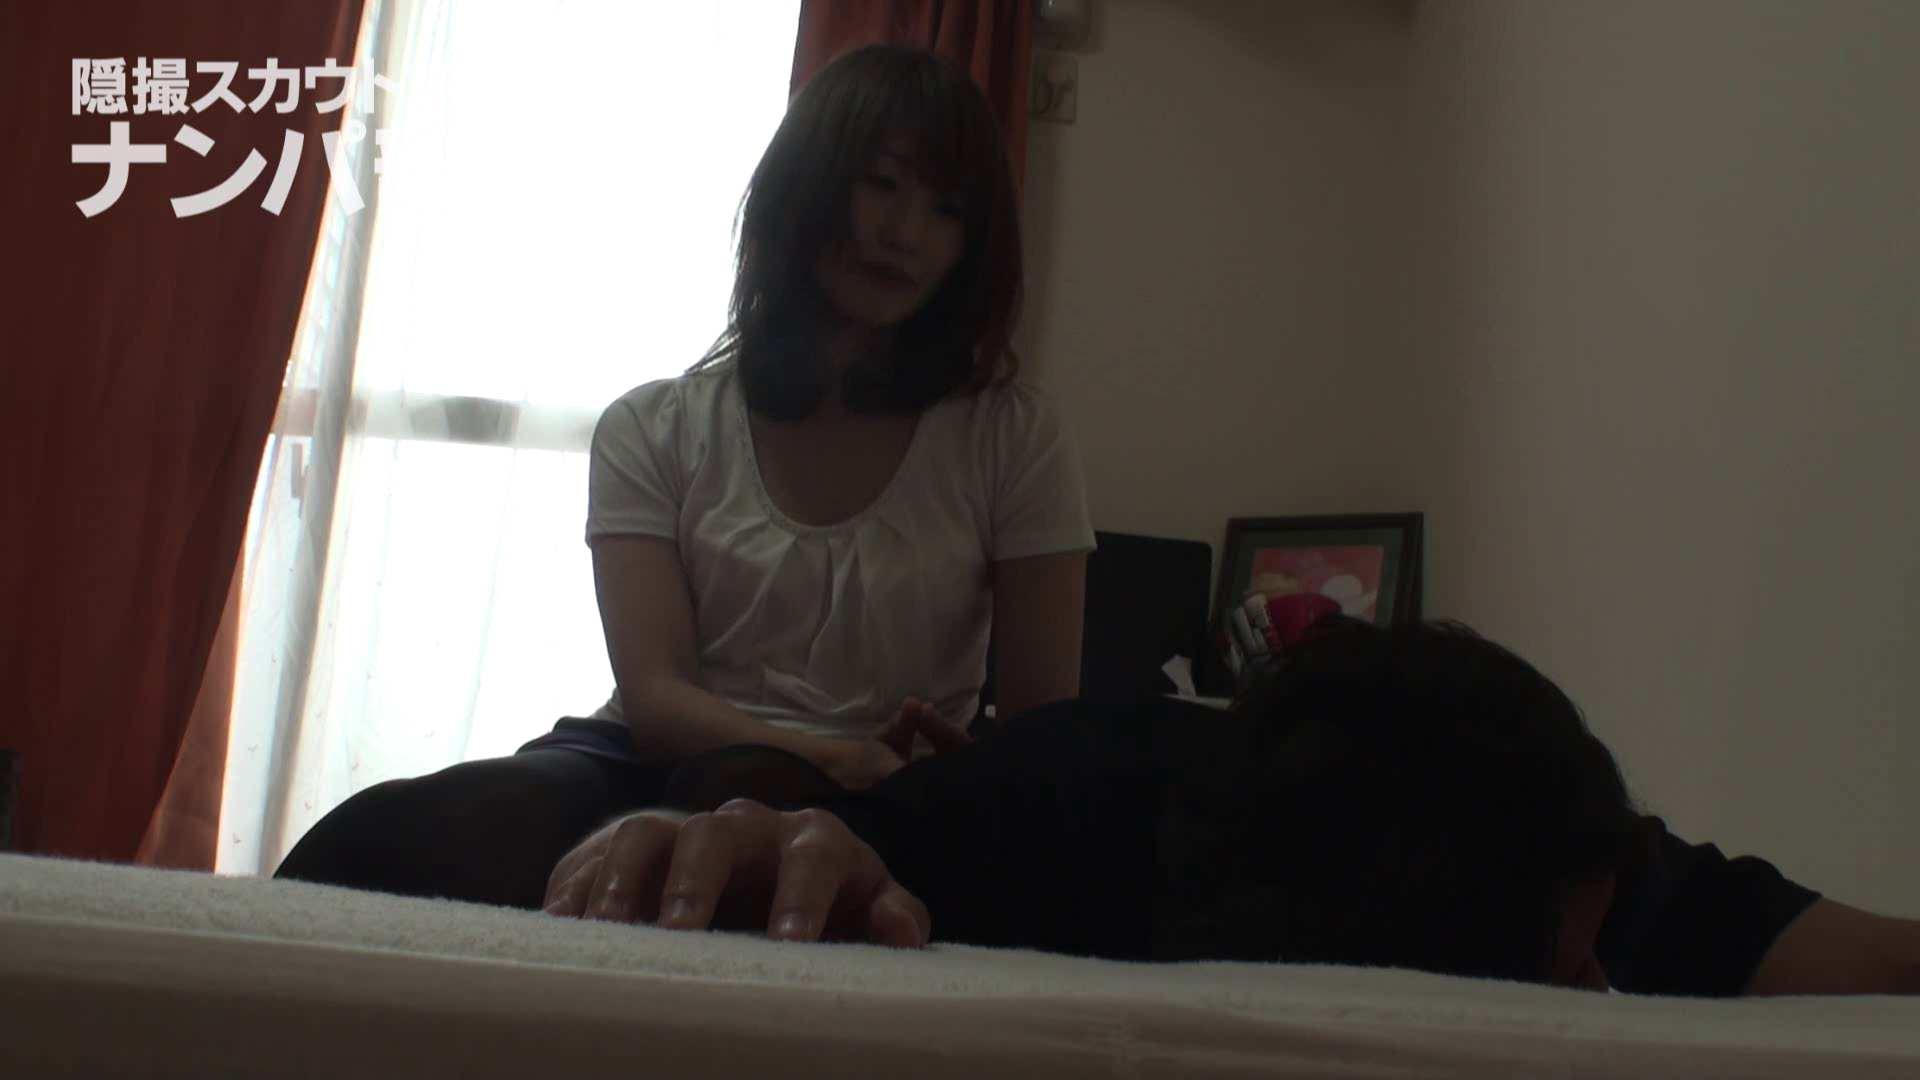 隠撮スカウトマンのナンパ部屋~風俗デビュー前のつまみ食い~ siivol.2 脱衣所  81PIX 18